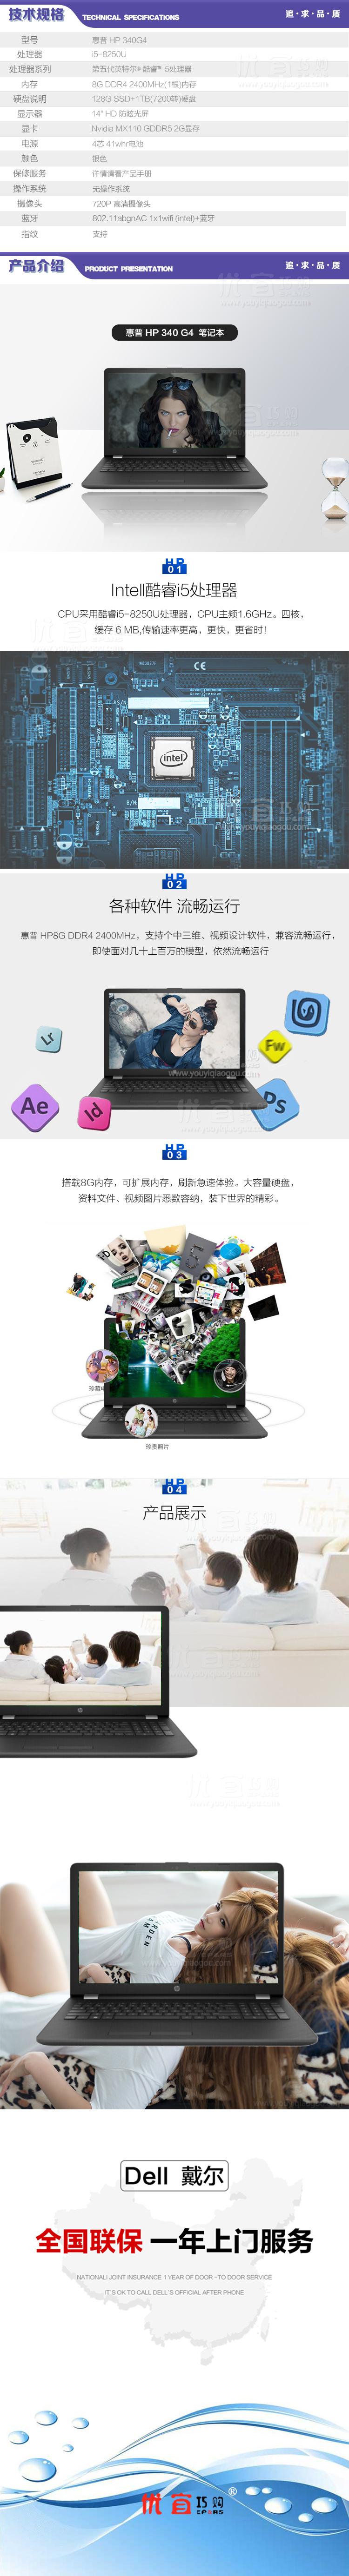 惠普  HP340G4 拷贝.jpg